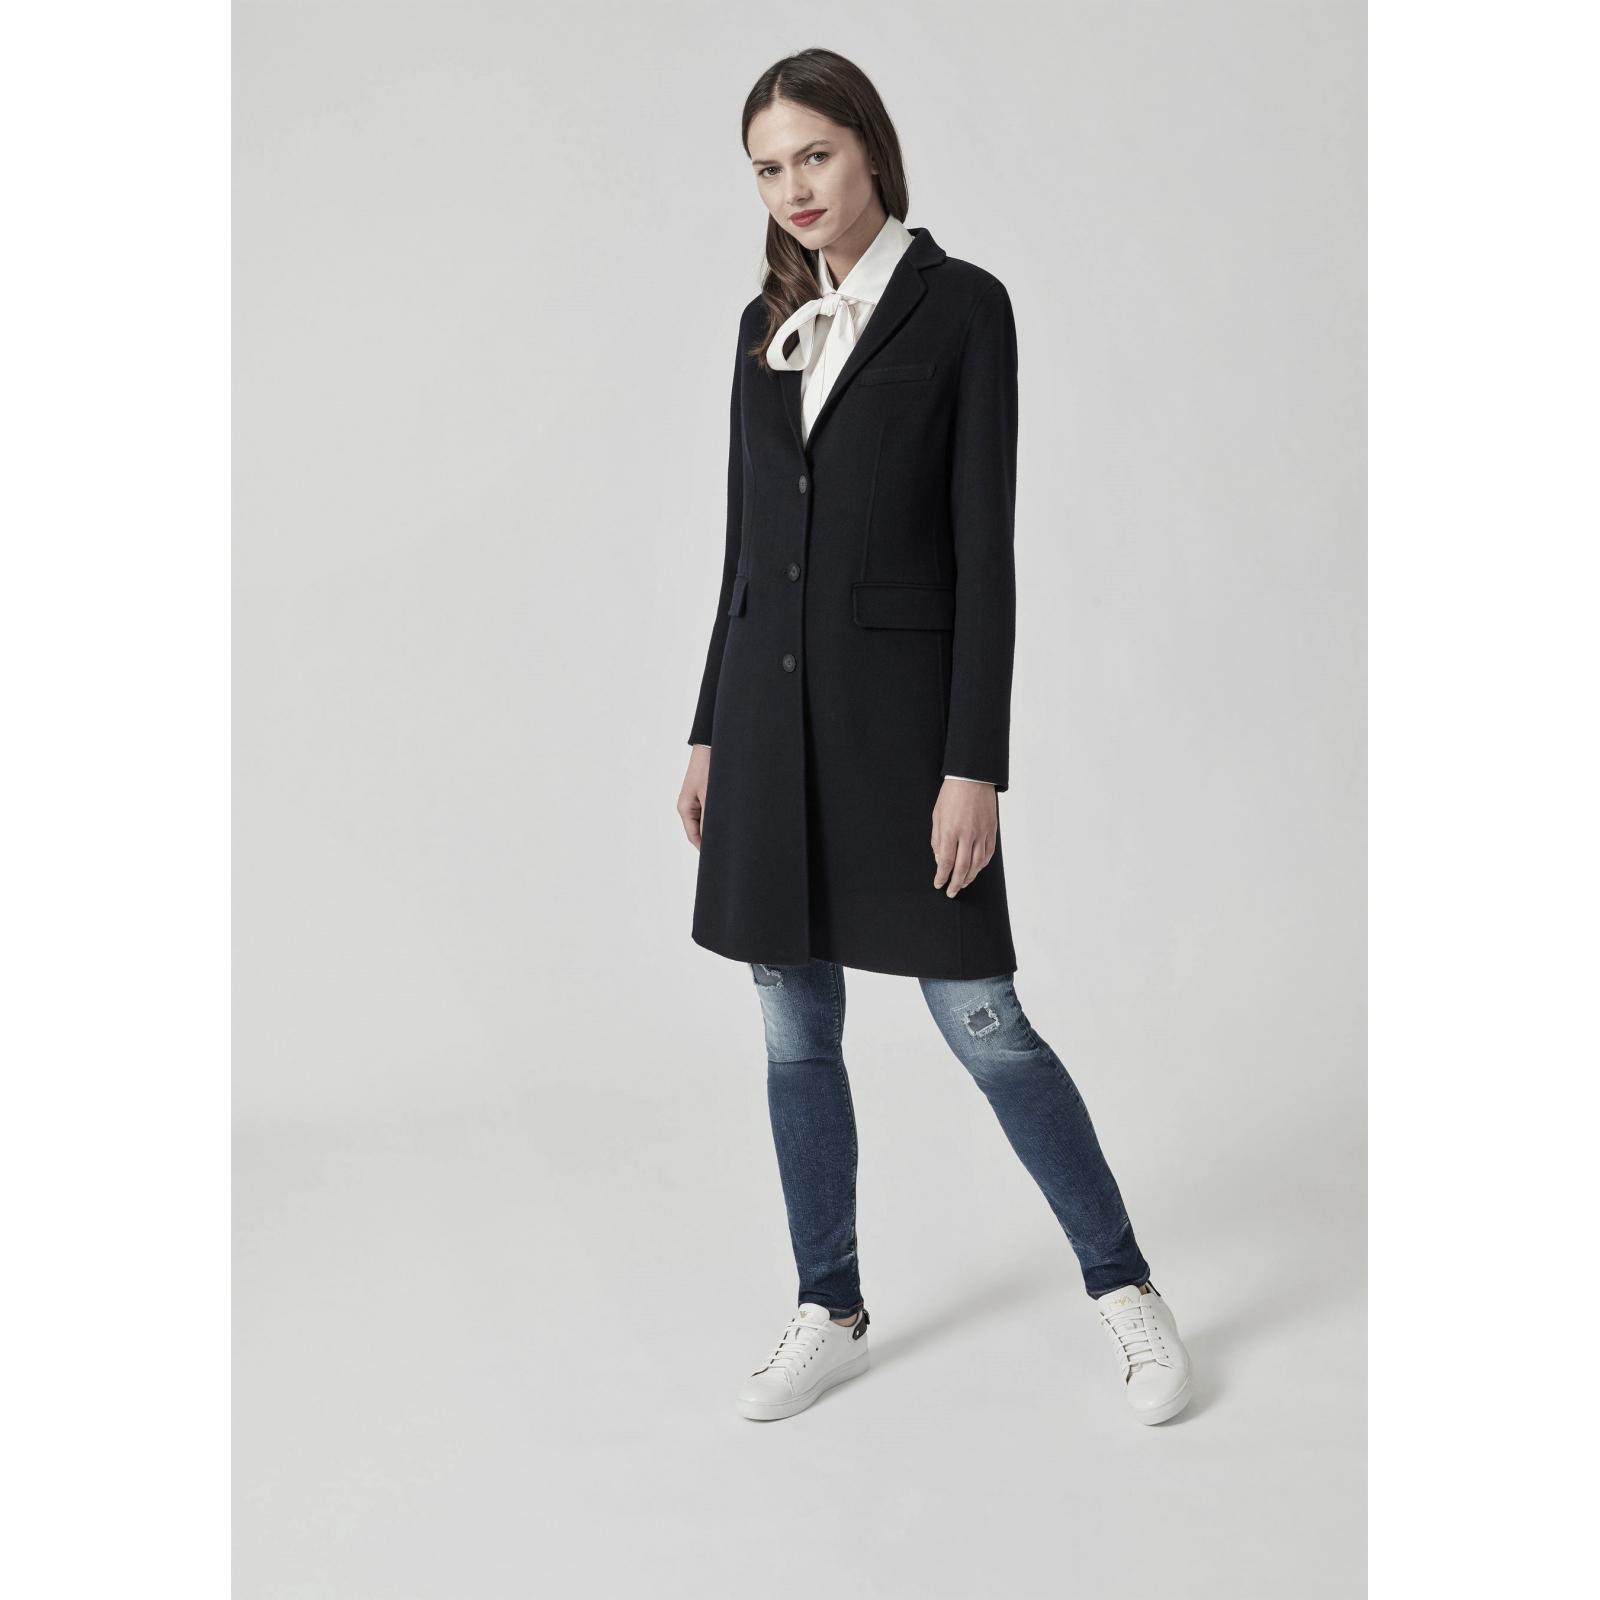 EMPORIO ARMANI płaszcz 100% kaszmir, nowy 36